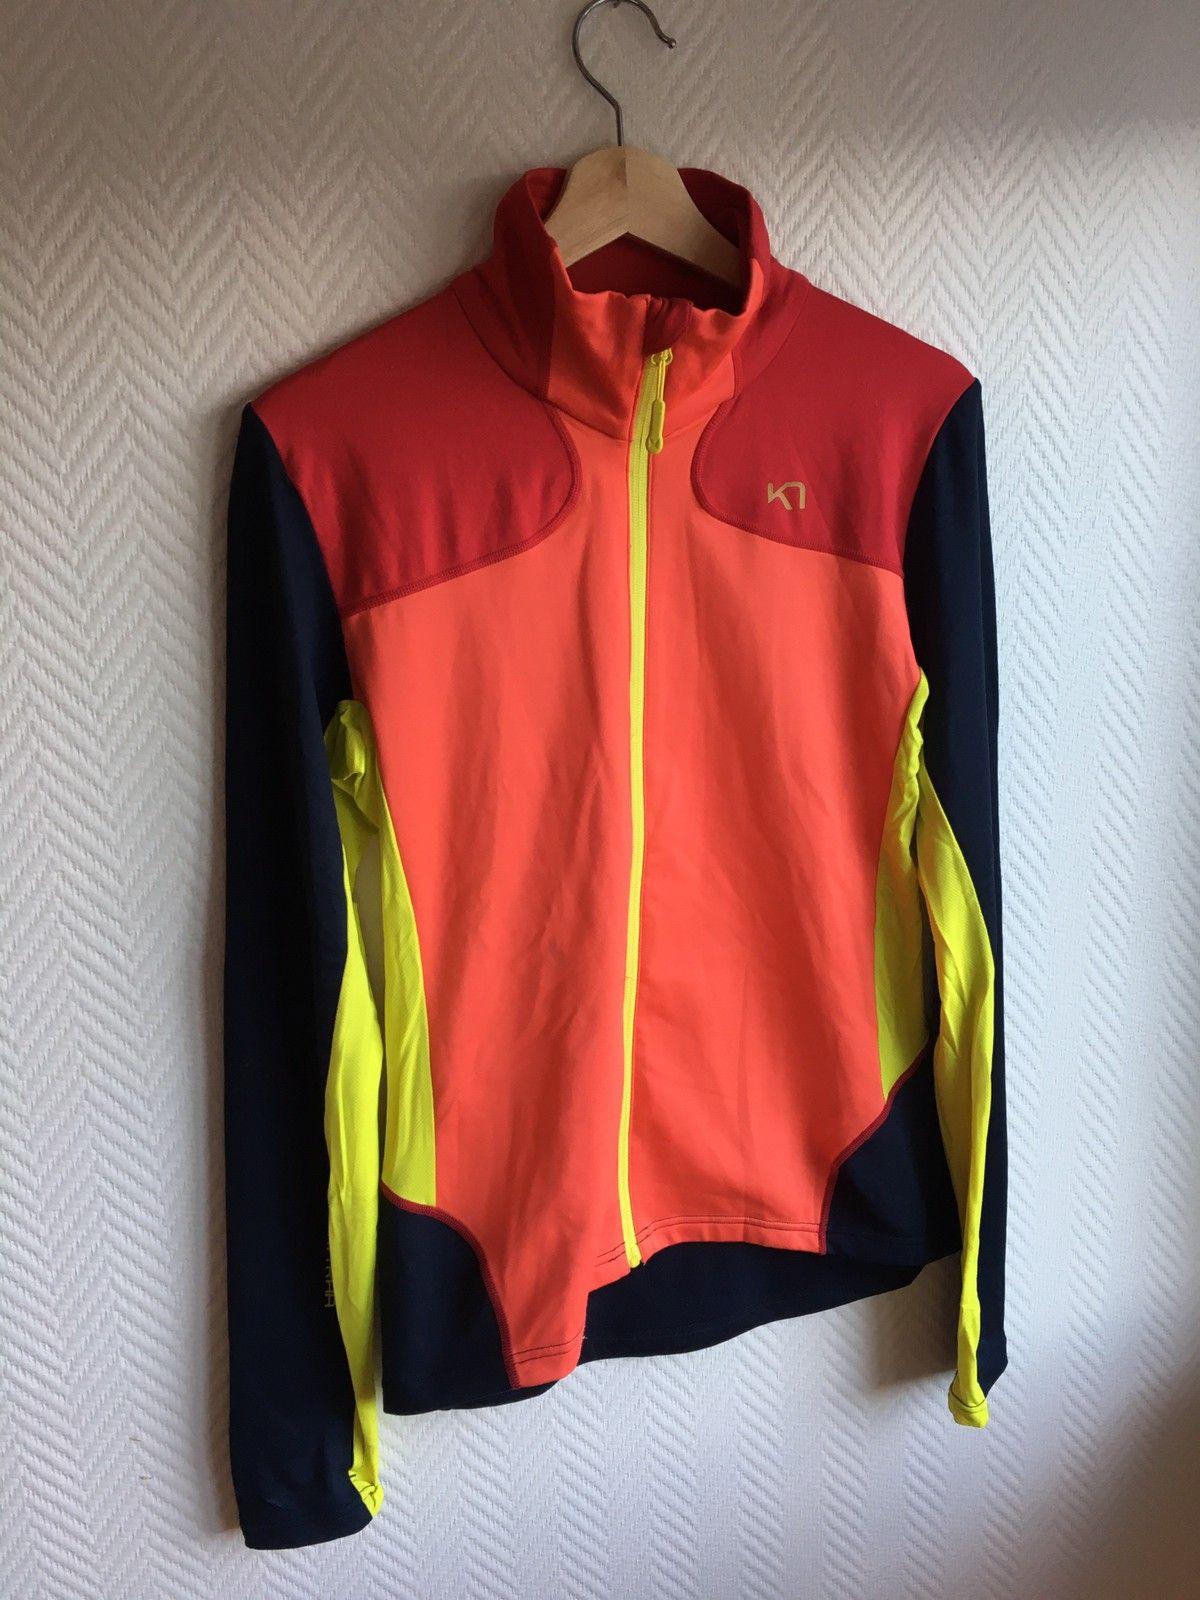 Kari Traa treningspakke med to t skjorter og en jakke.   FINN.no